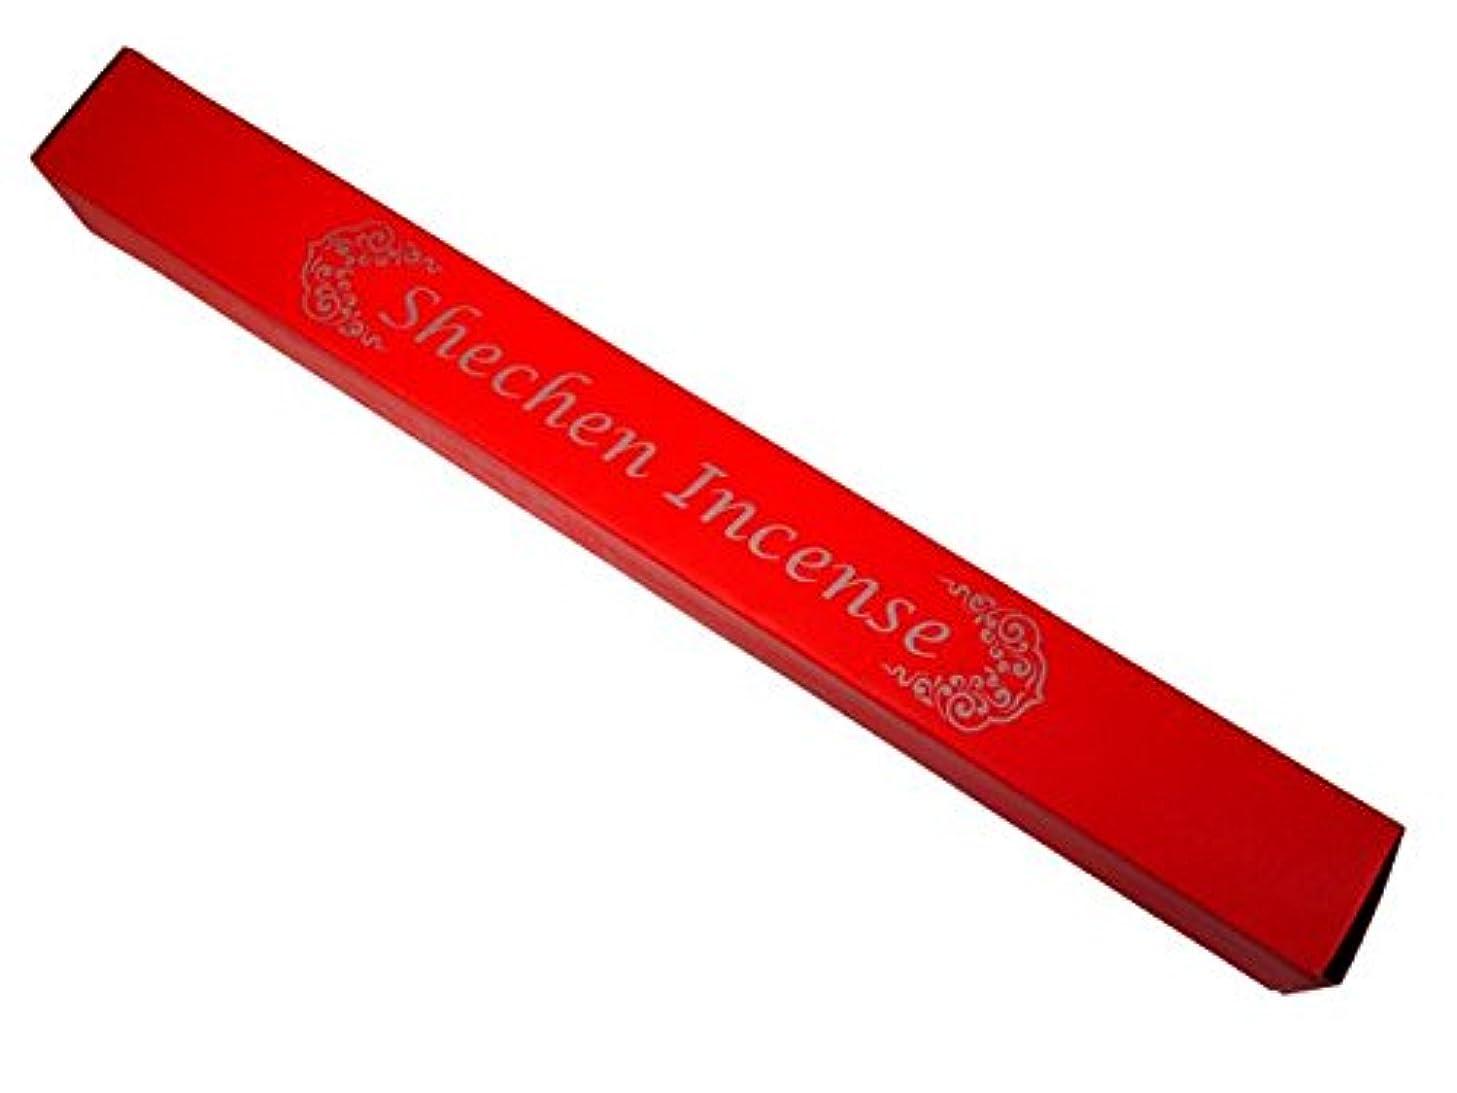 答え精神医学謙虚なシェチェンモナストリ チベット仏教寺院シェチェンモナストリのお香【Shechen Incense RED】